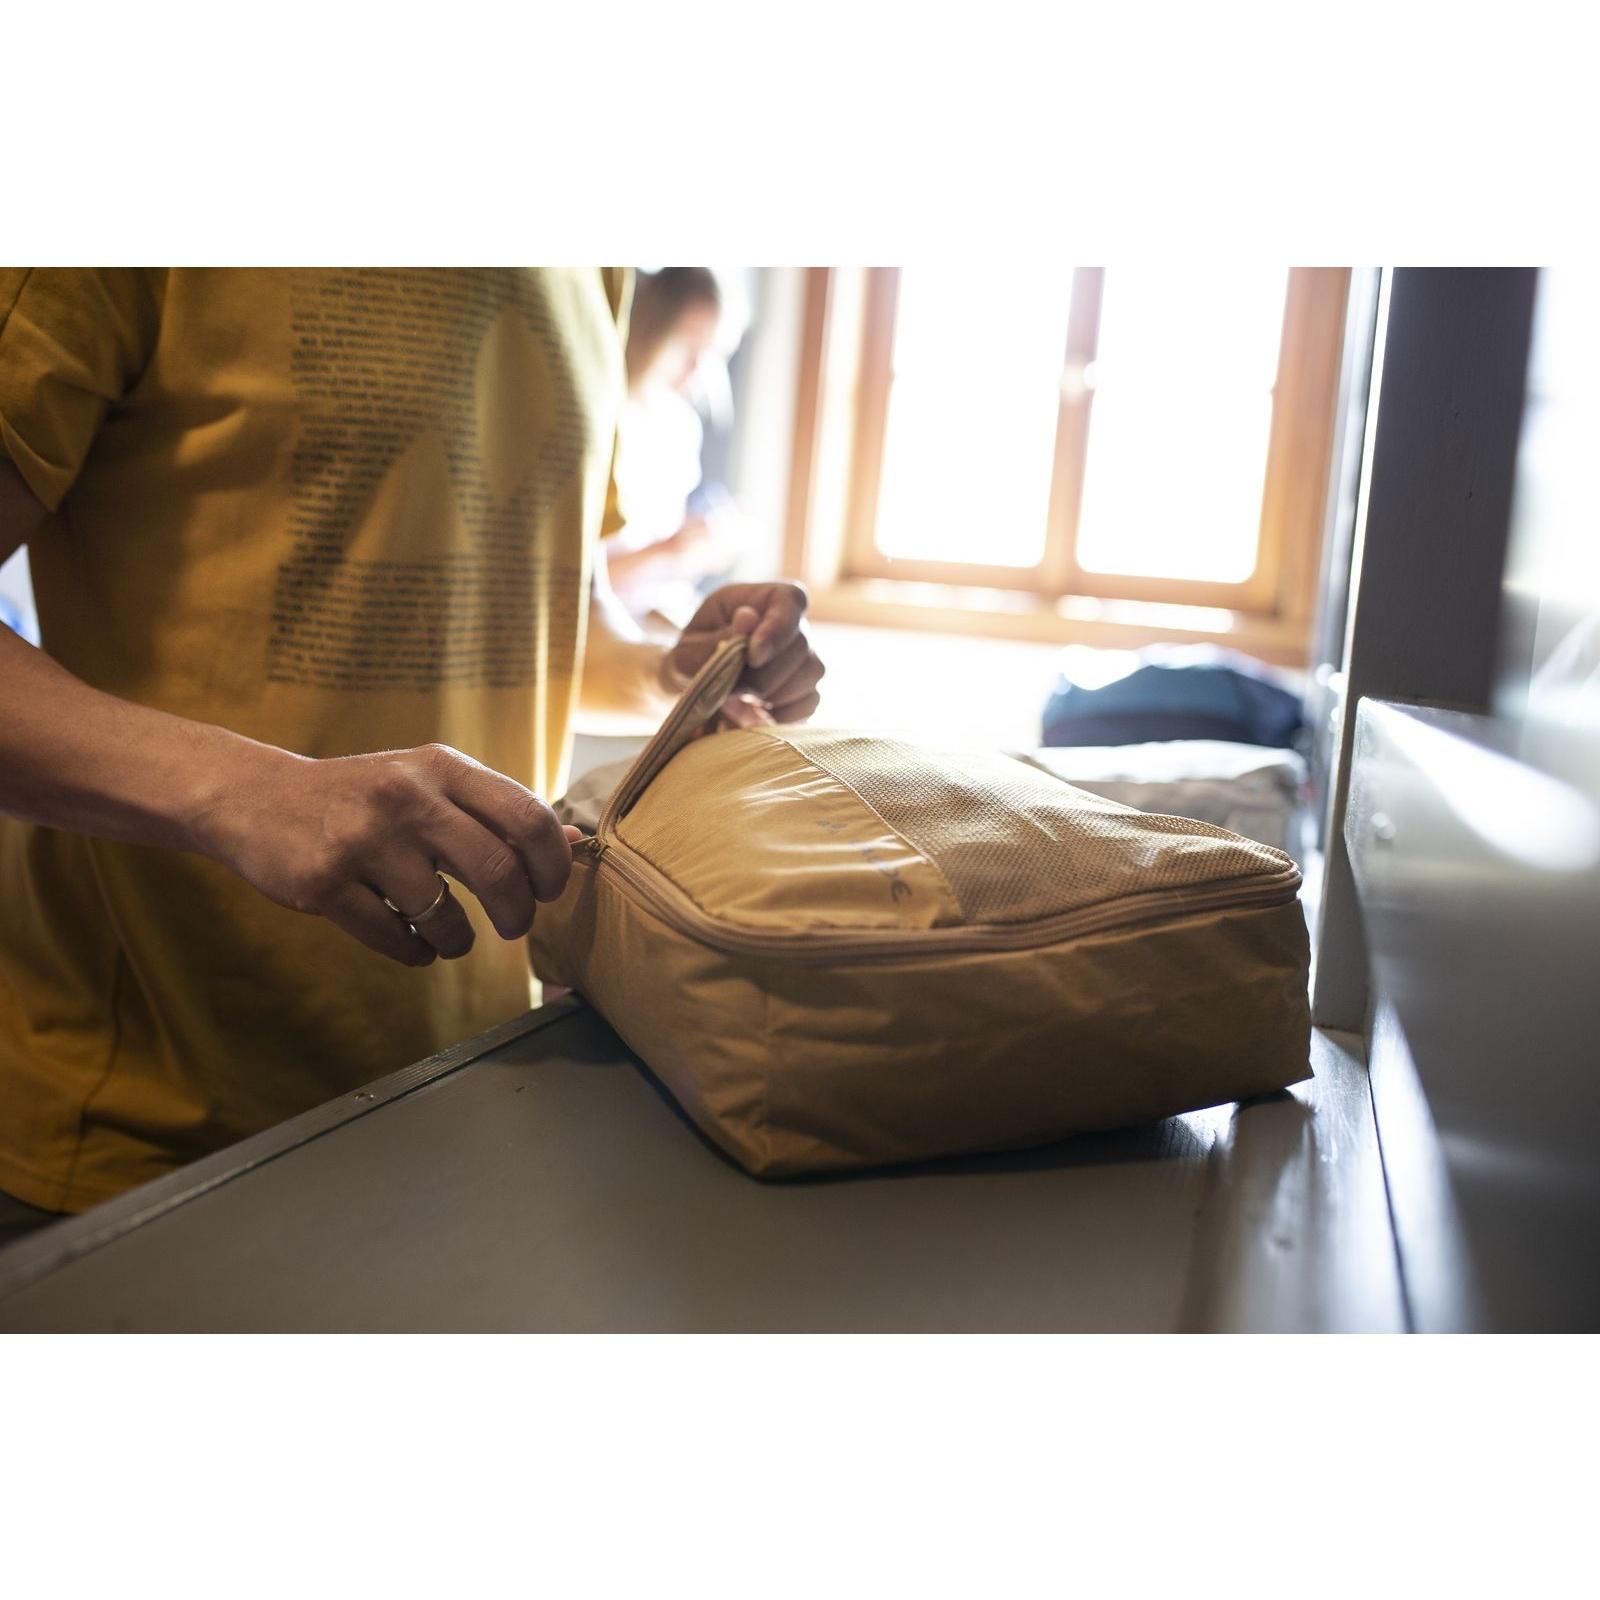 Bild von Vaude Trip Box - Reisetasche M - peanut butter